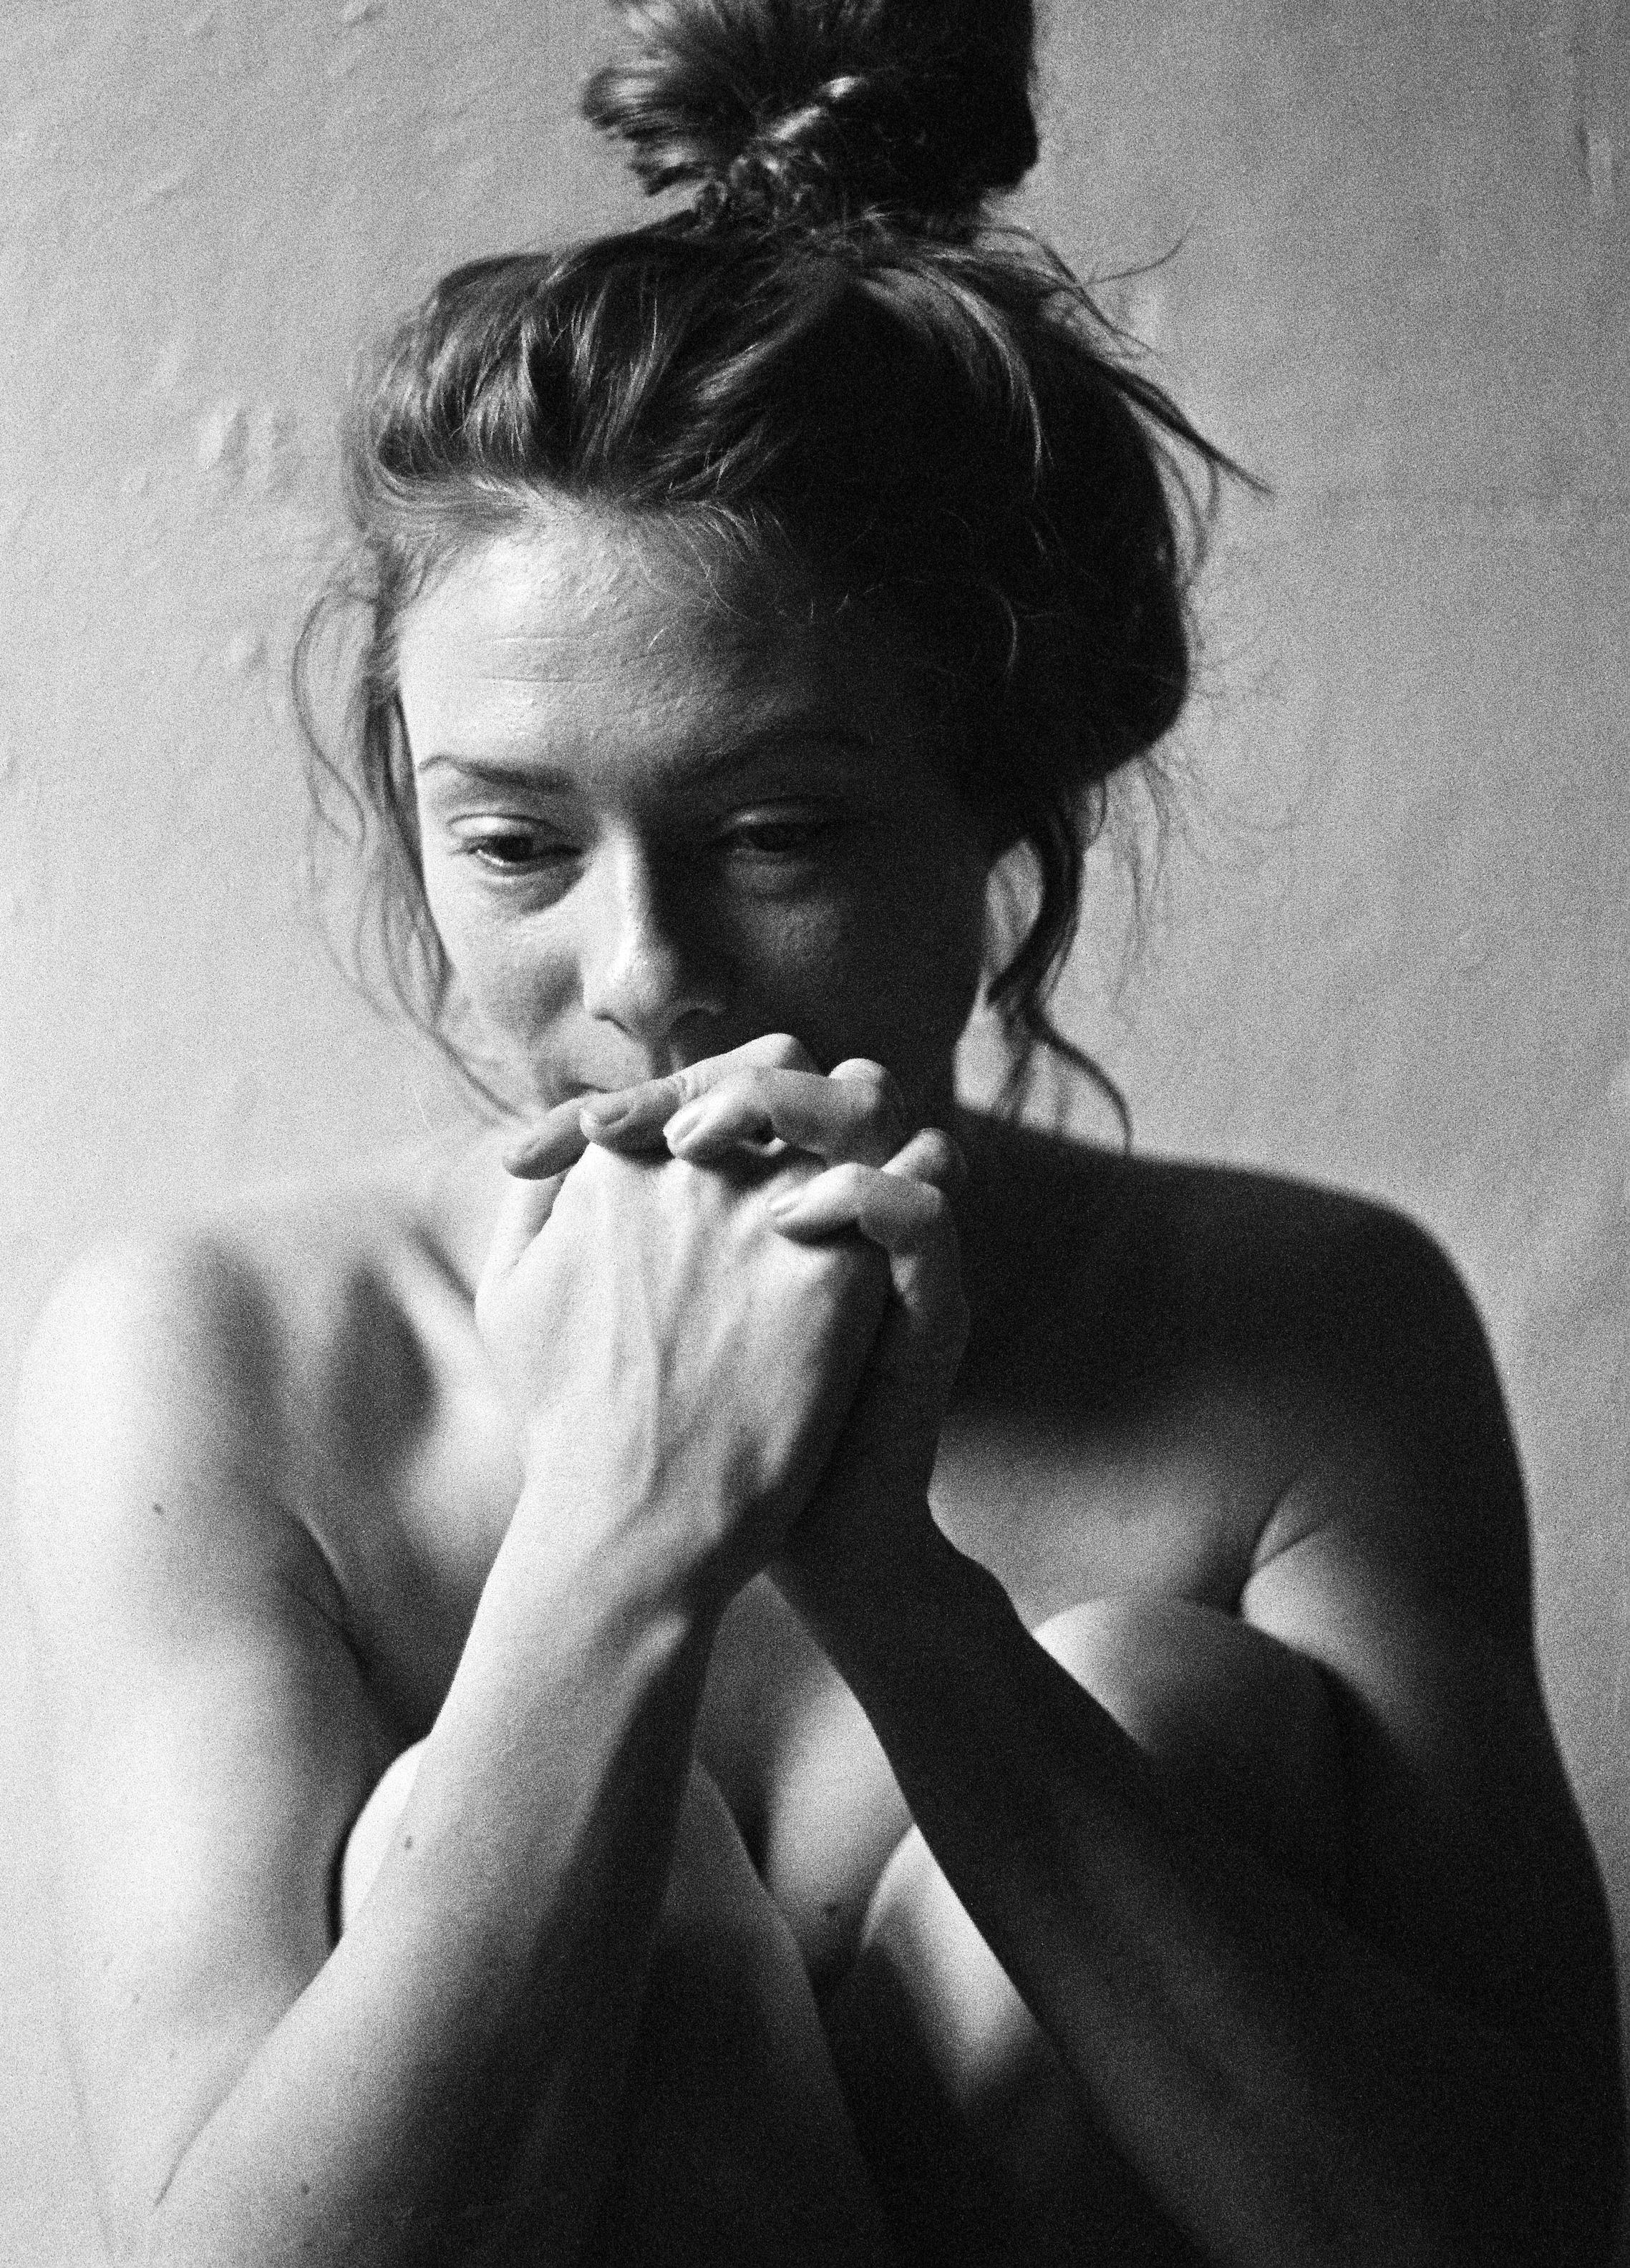 Nude Art Portrait of a Woman in Berlin